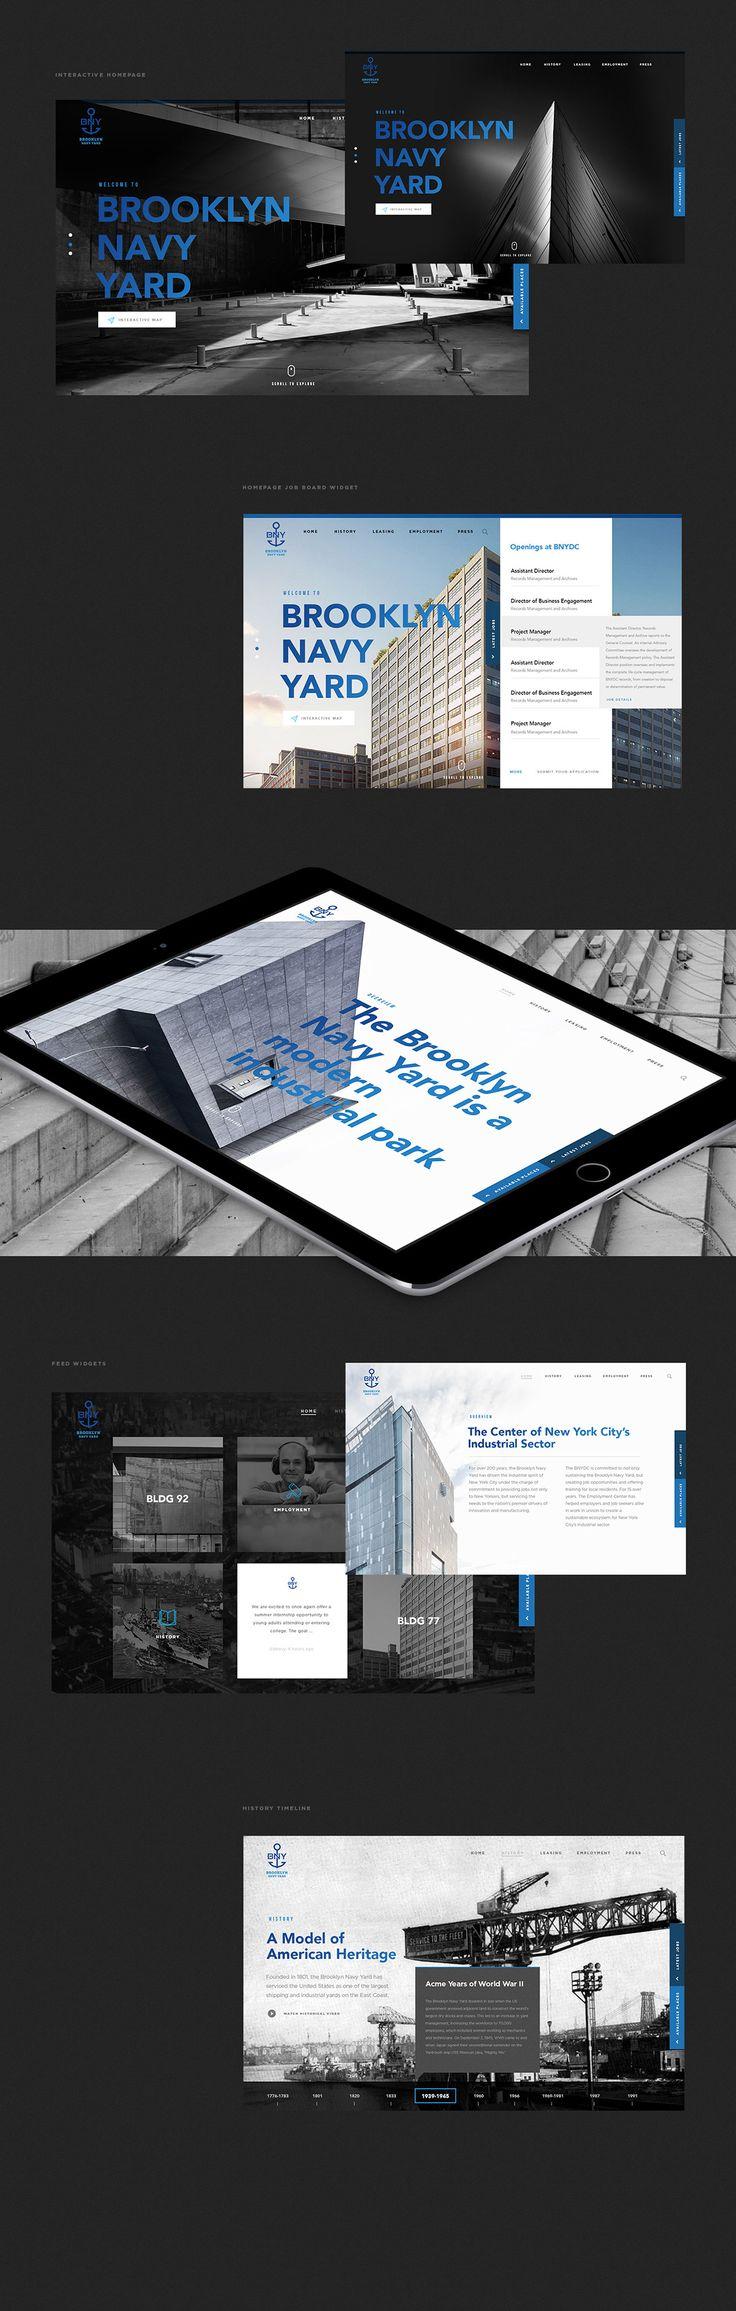 A design pitch for Brooklyn Navy Yard.